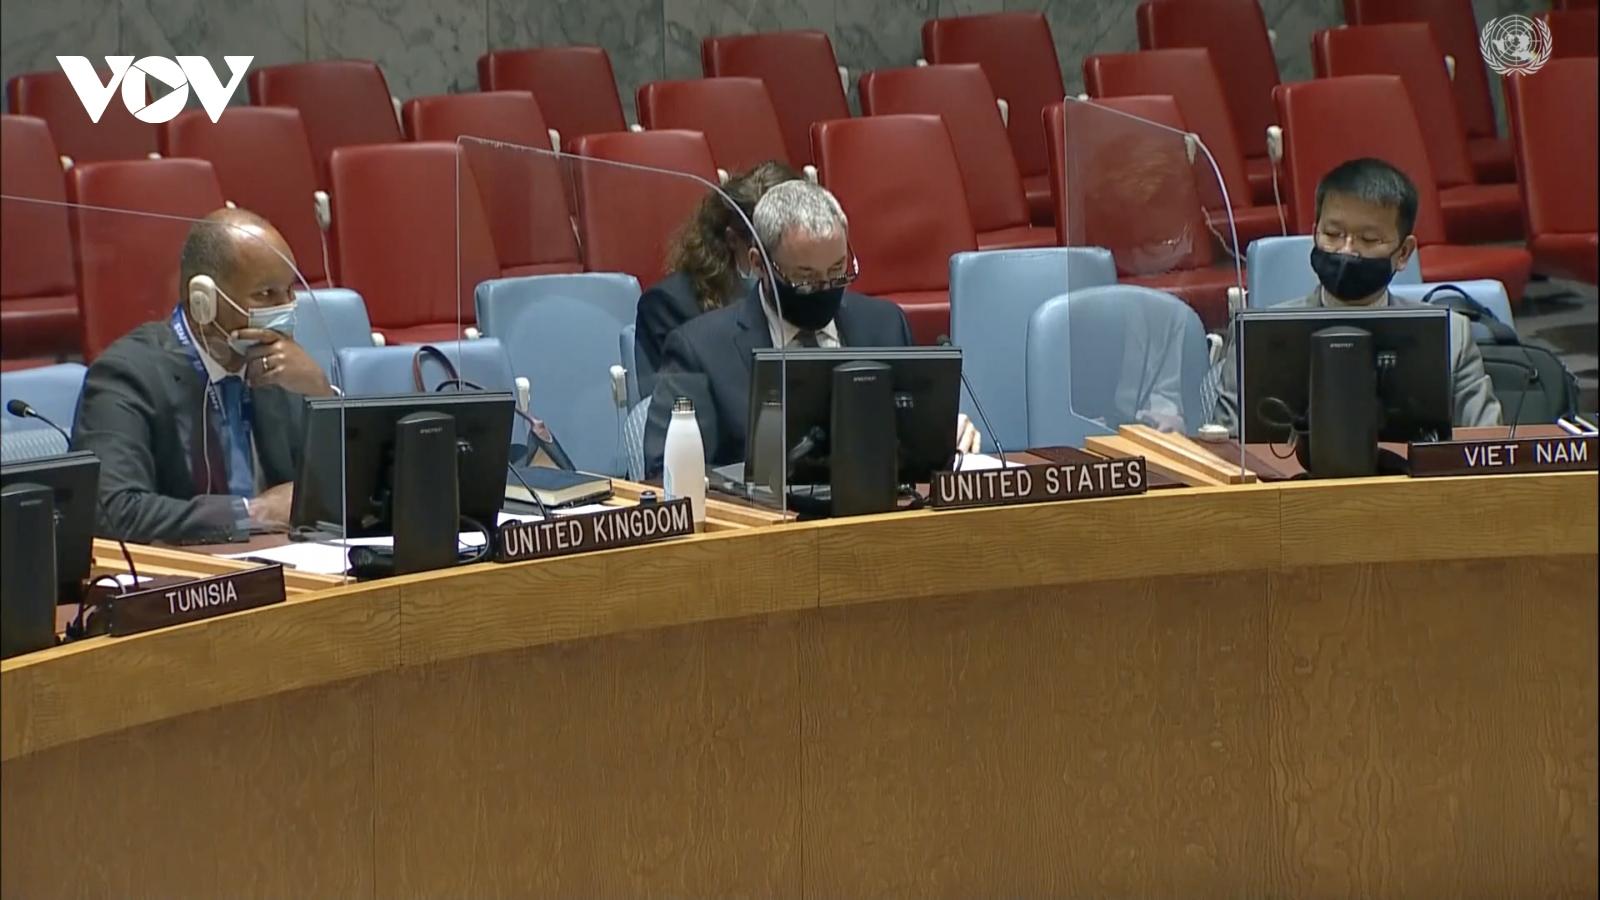 Hội đồng Bảo an thông qua Tuyên bố Chủ tịch về Tây Phi và khu vực Sahel